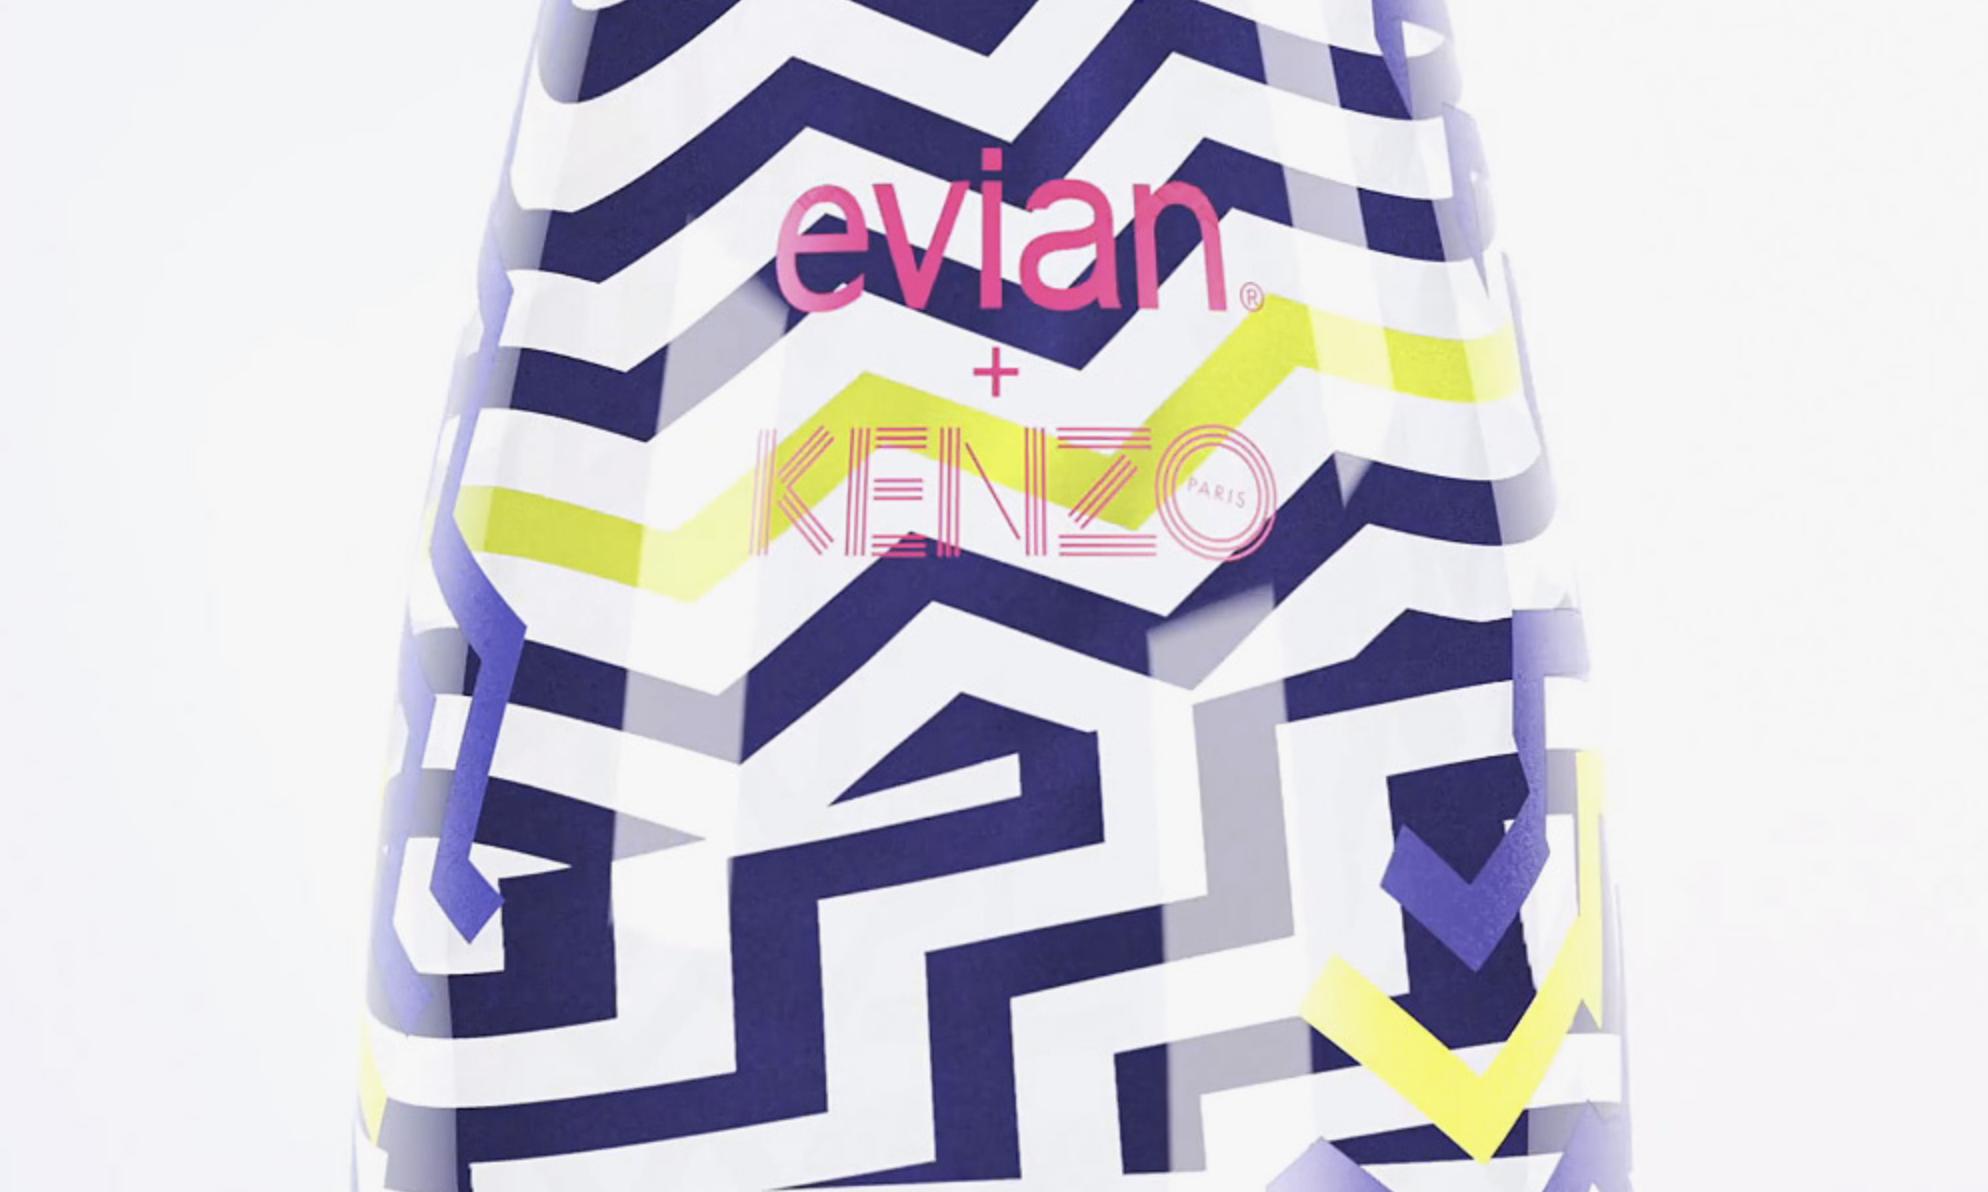 Design bouteille Évian par Kenzo